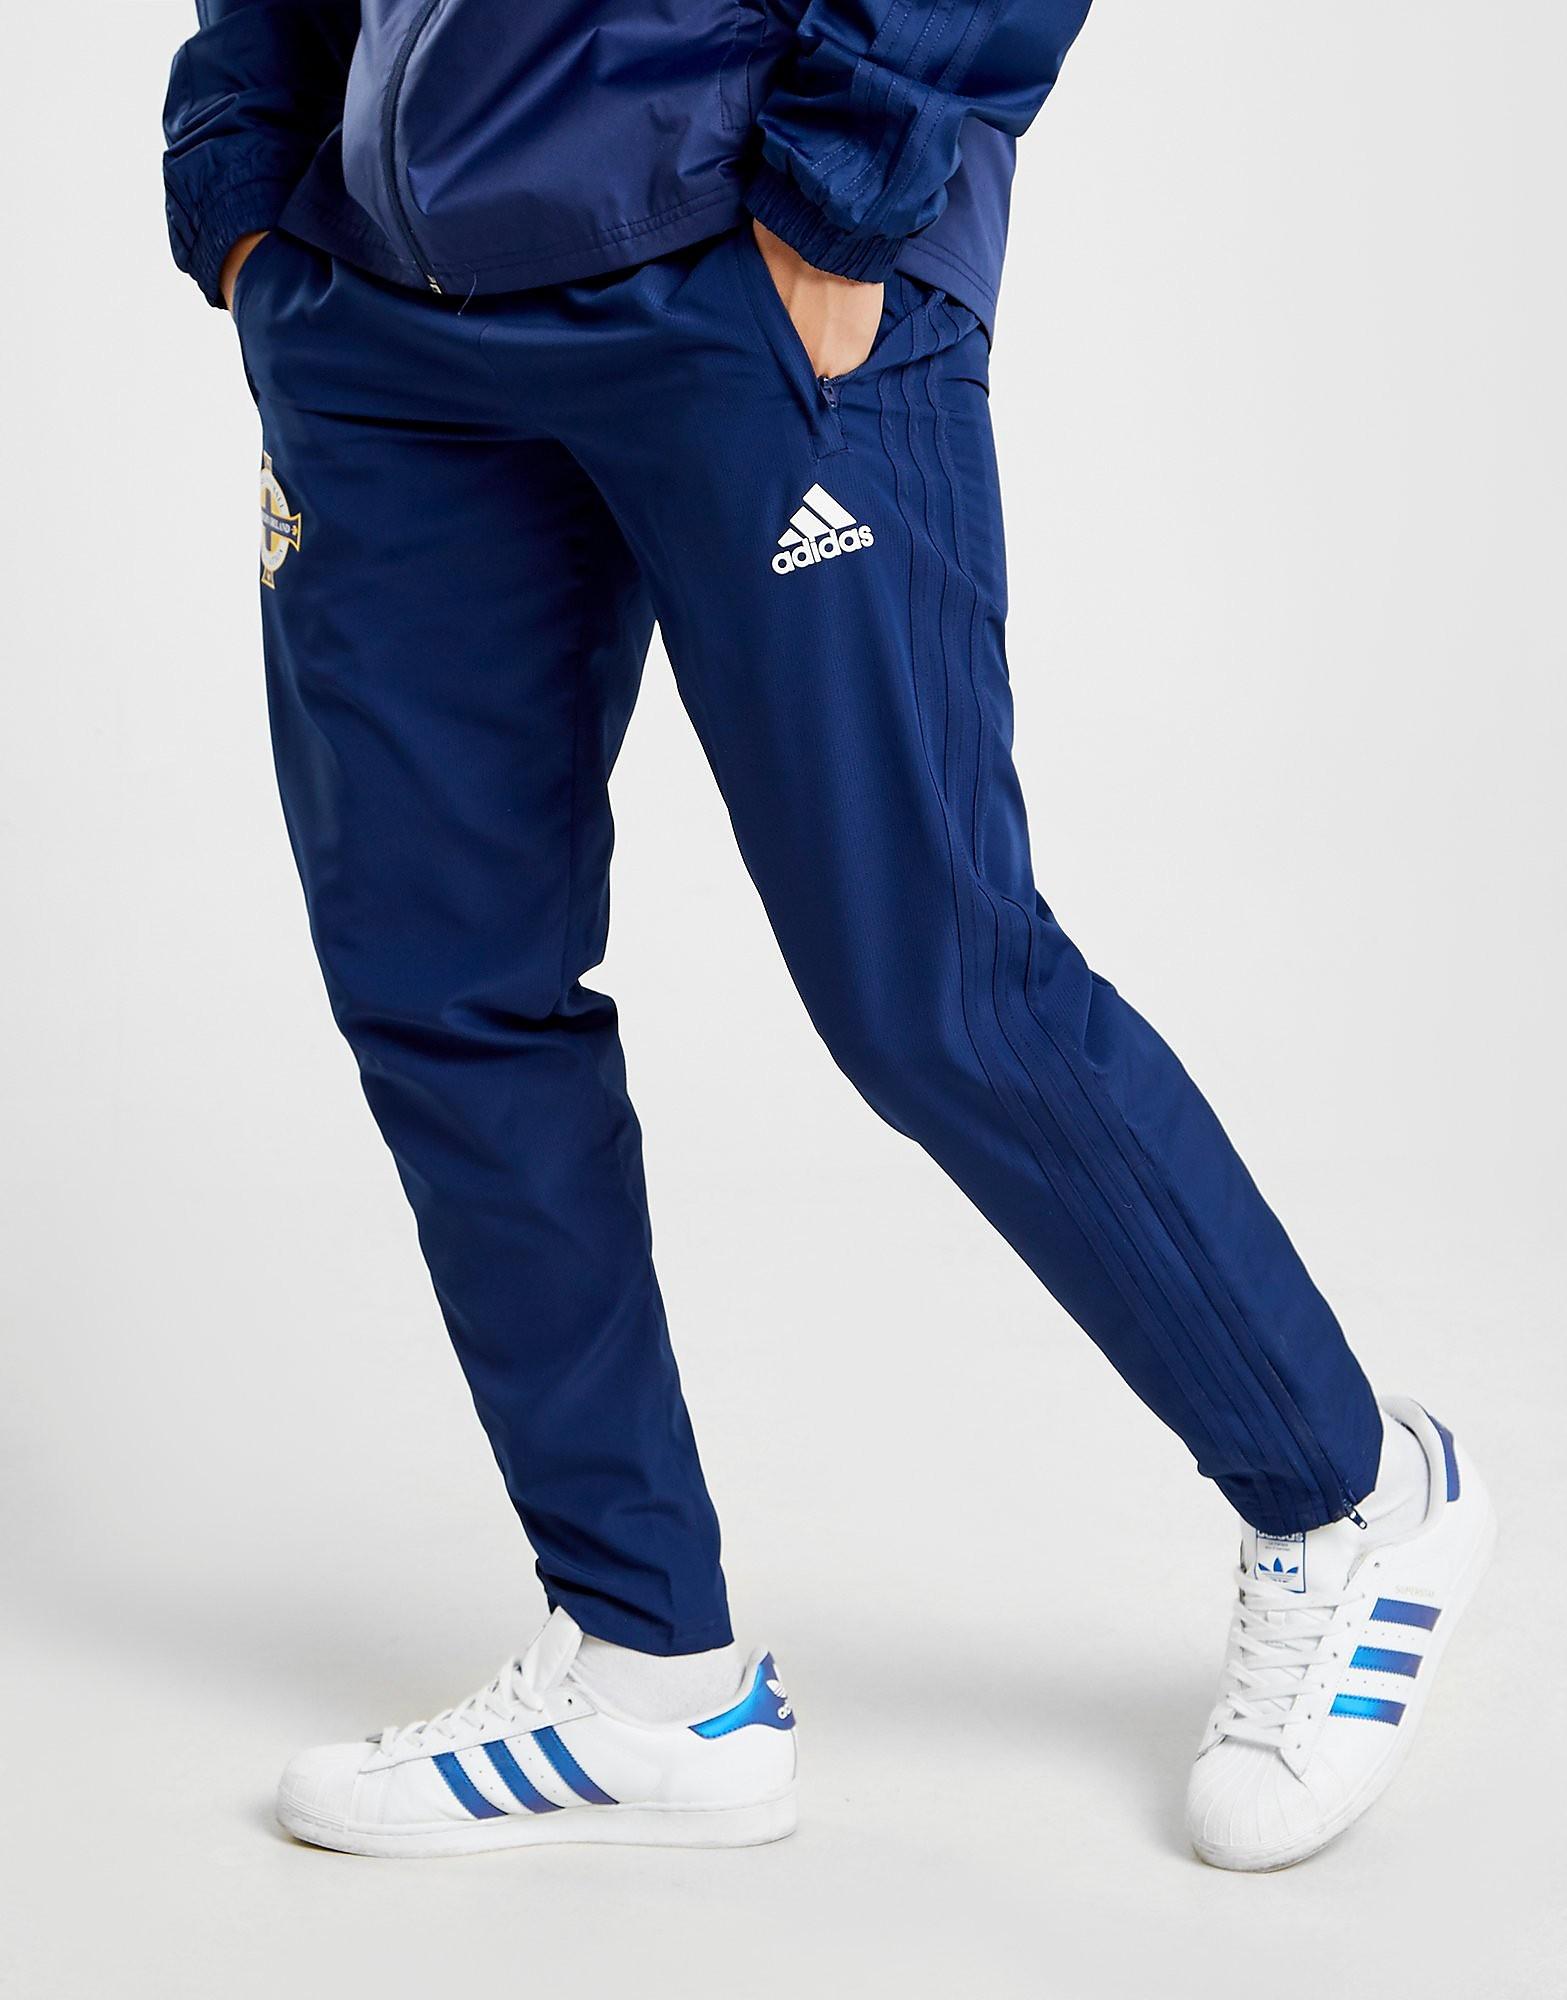 adidas Northern Ireland 2018 Woven Pants